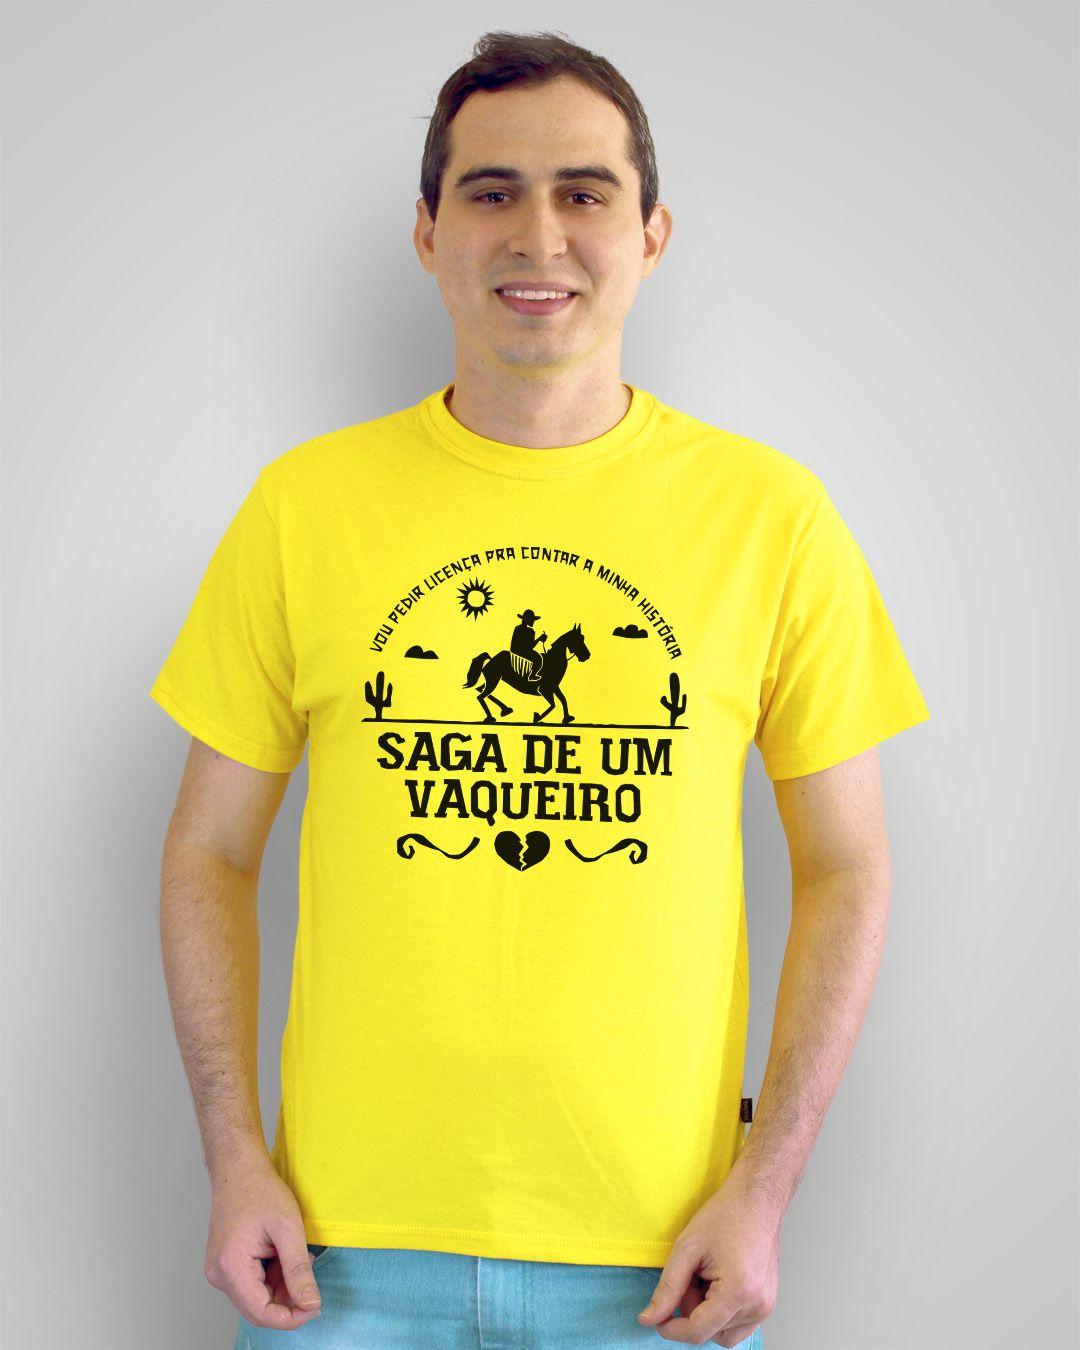 Camiseta Saga de um vaqueiro